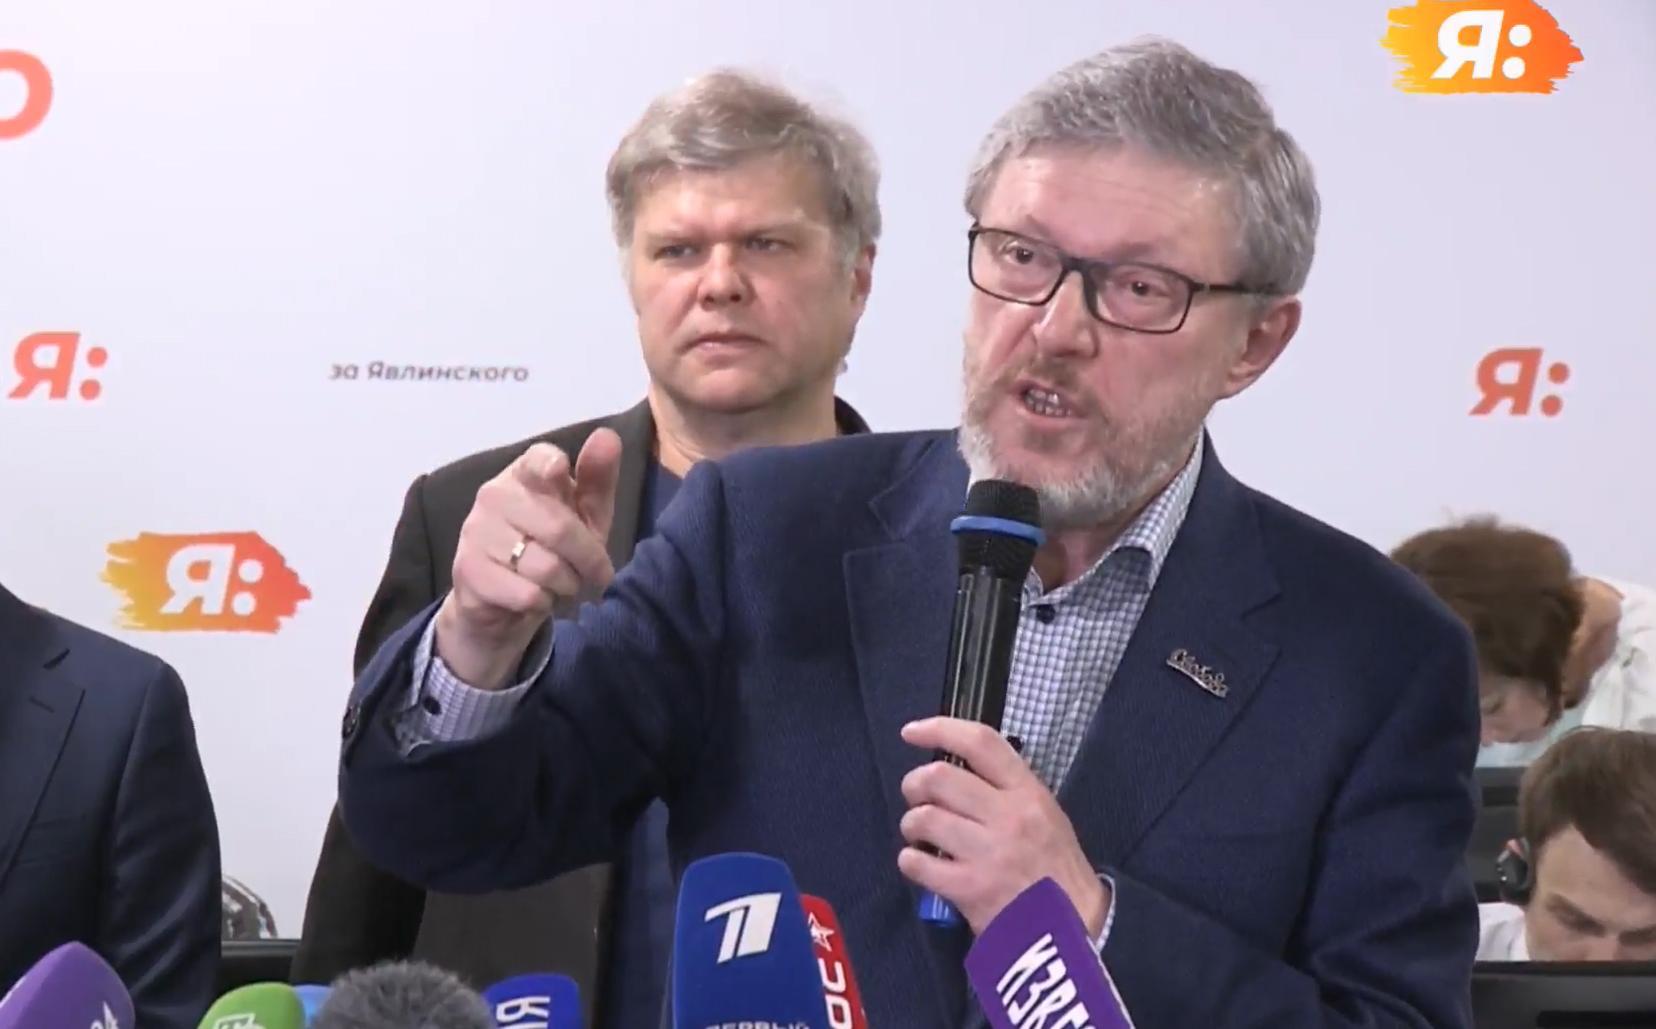 """фото ЗакС политика Явлинский видит главный шанс на спасение страны в объединении под брендом """"Яблока"""""""